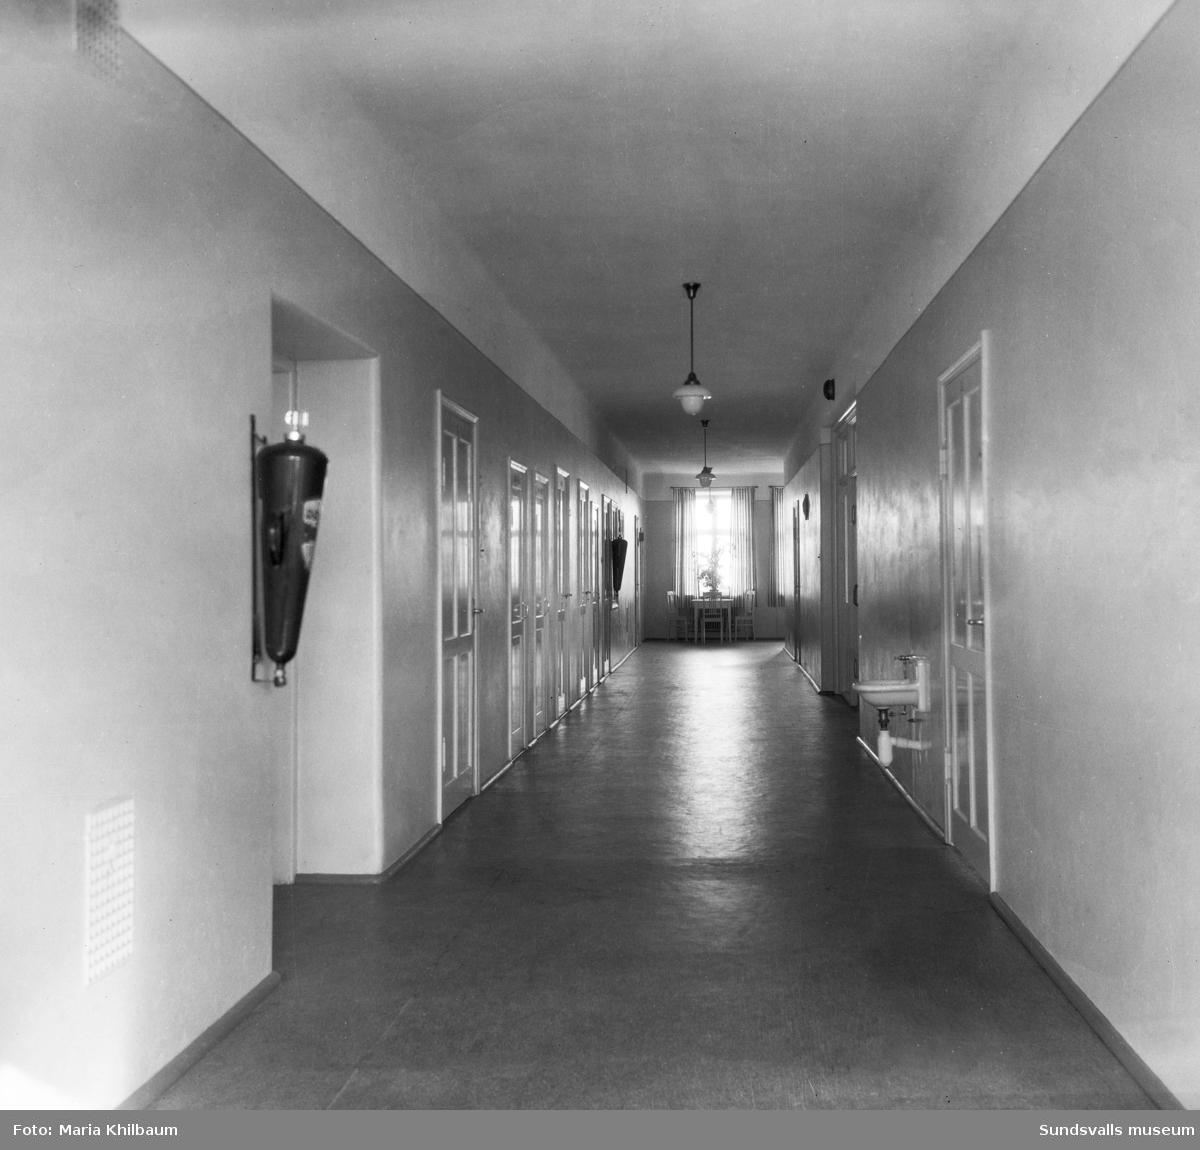 Interiörer (dagrum, sjuksalar och korridprer) från det nybyggda stenhuset vid Epidemisjukhuset efter Ludvigsbergsvägen (tidigare Epidemivägen) i Alliero.